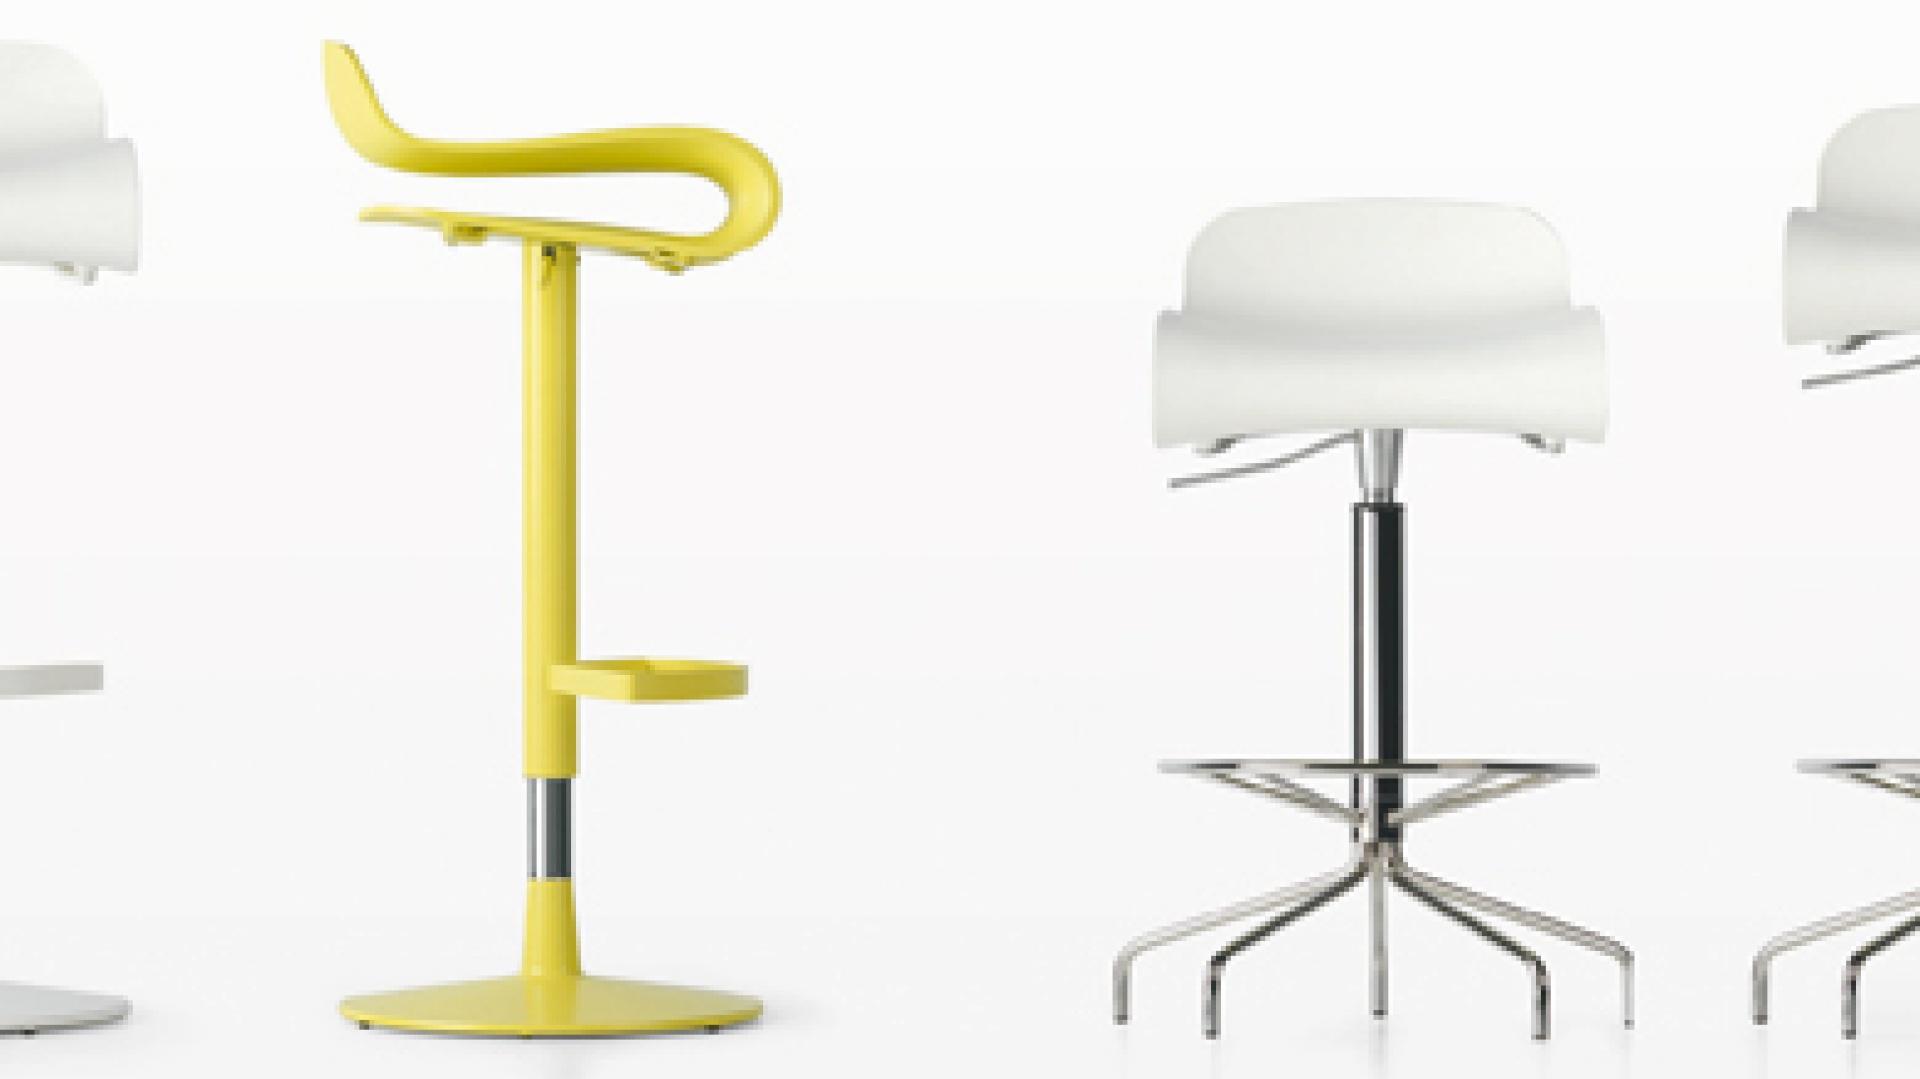 BCN – dostępne w czterech kolorach siedzisk: biały, czarny, zielony i koralowy oraz trzech rodzajach bazy: aluminiowa chromowana konstrukcja, drewniane nóżki i z regulowaną wysokością; wys. 50-76 cm. Cena: od ok. 1.180 zł, Kristalia/Atak Design.